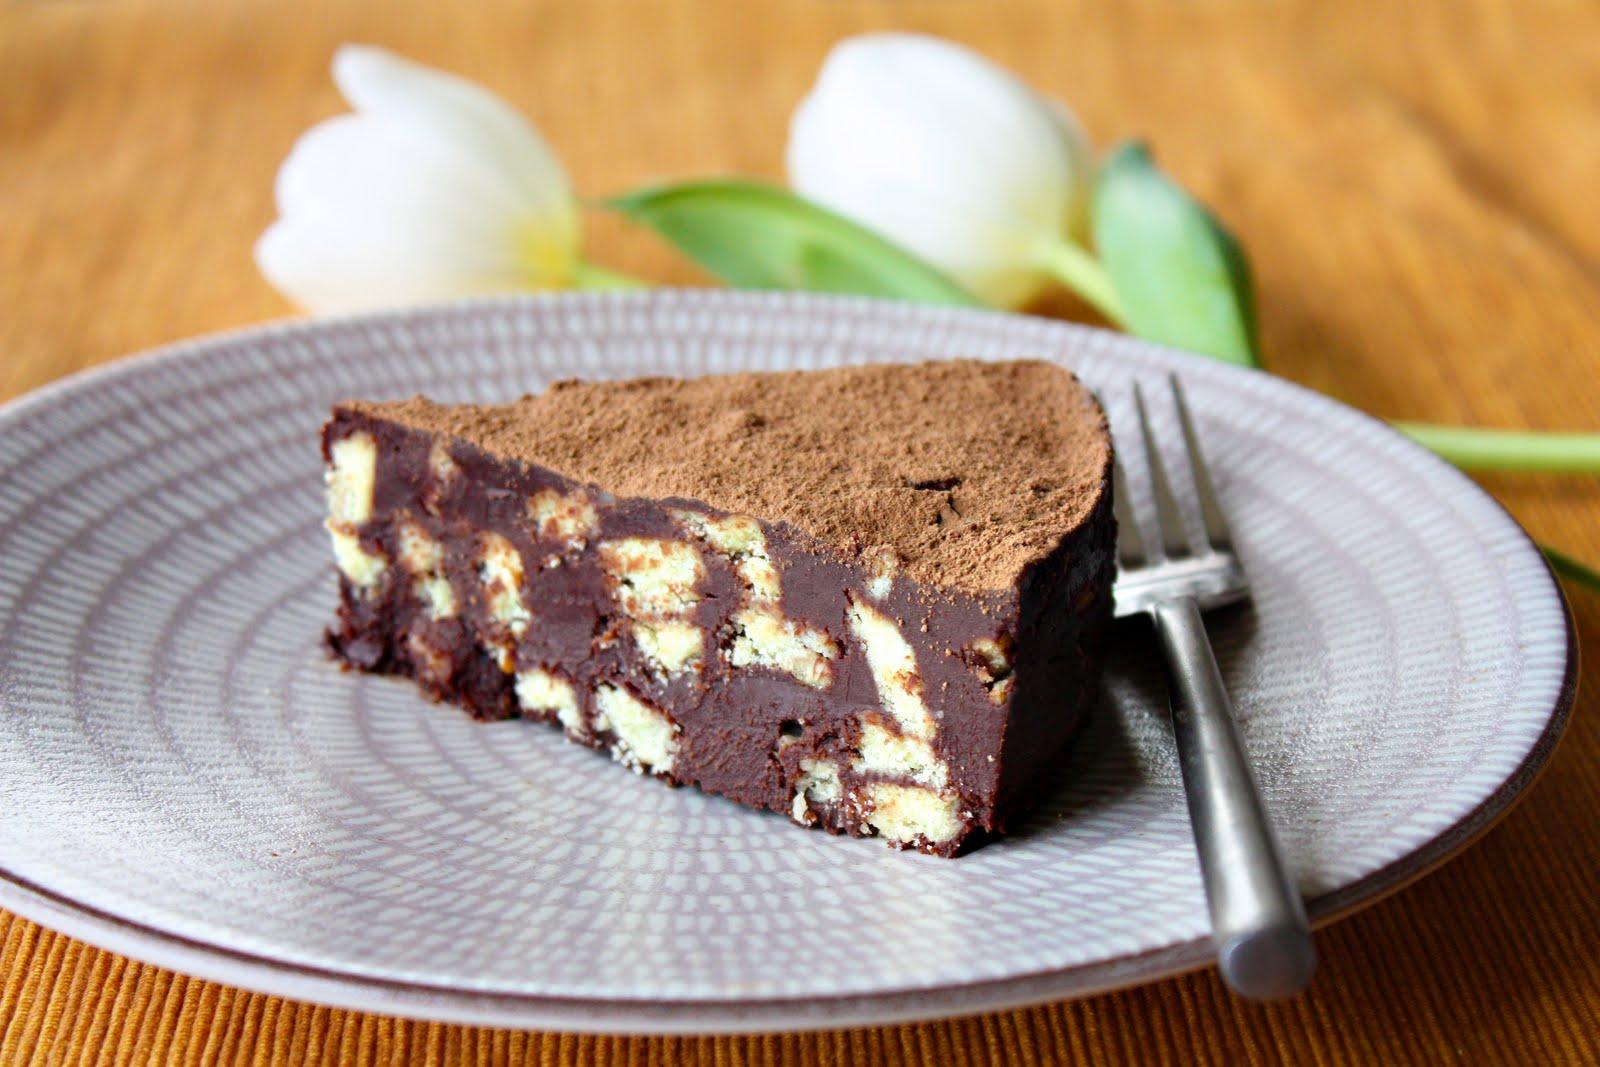 الجوزاء بالشوكولاتة 2018 1526373482651.jpg